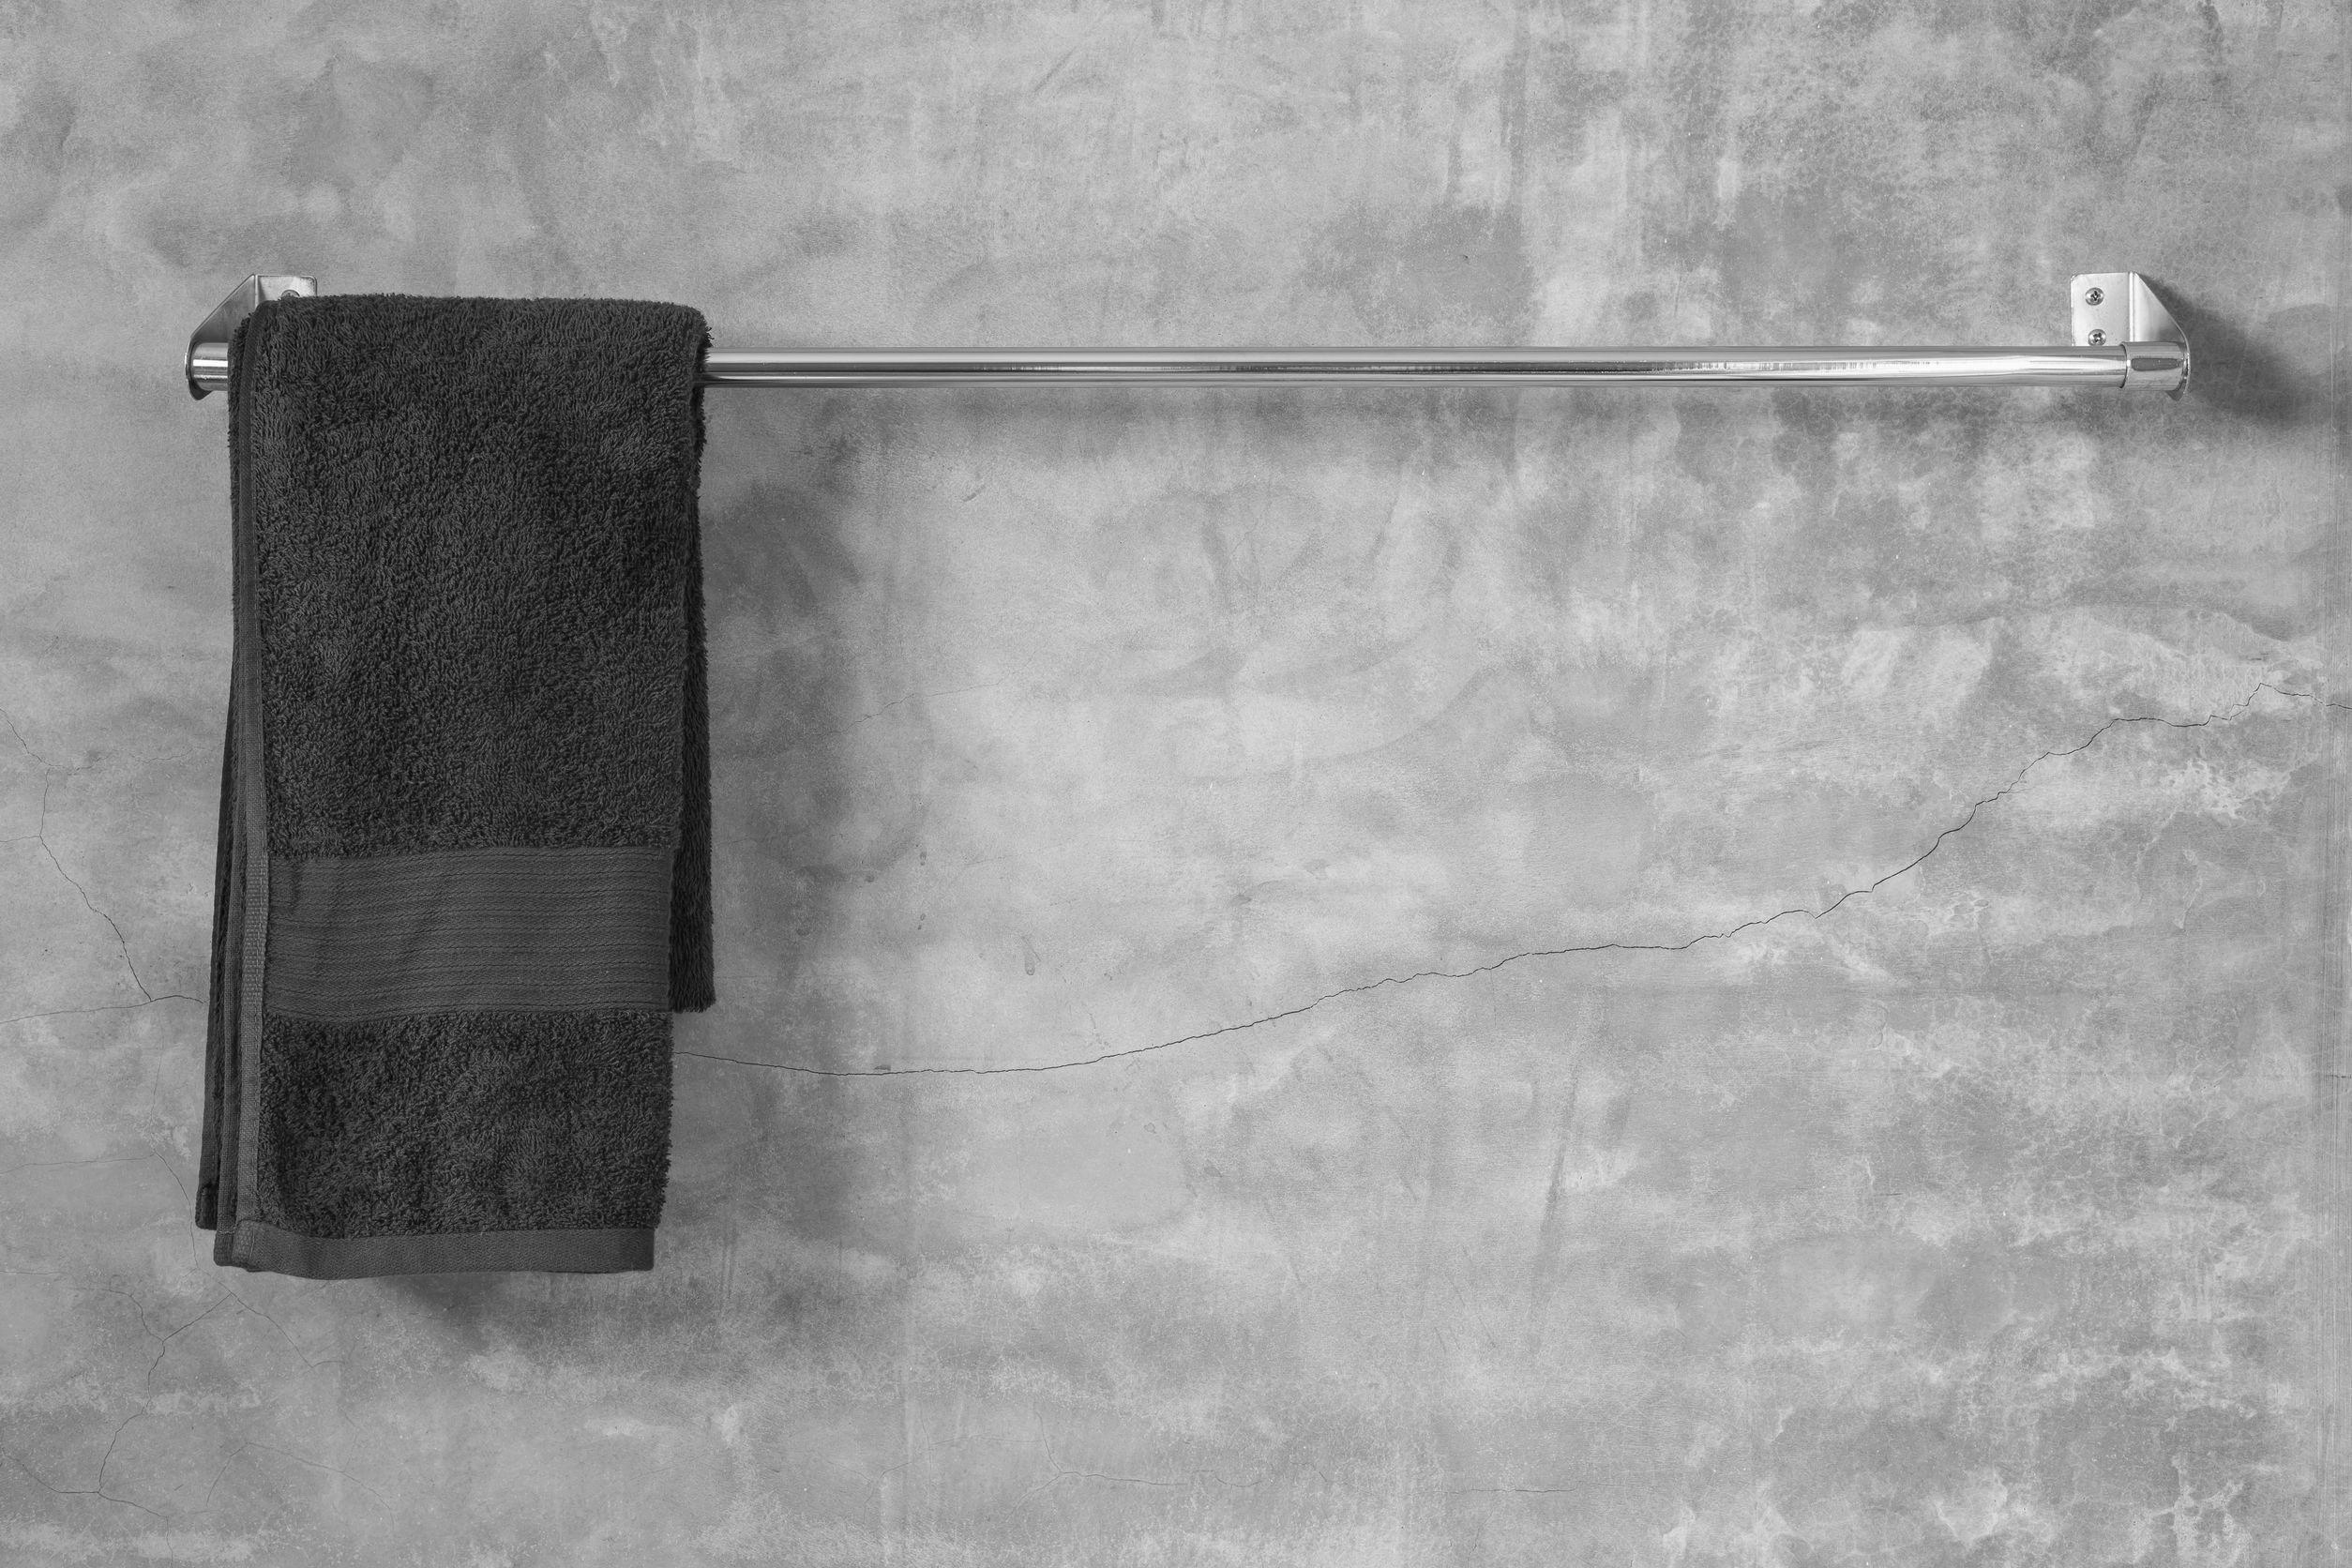 Beste Handdoekenrek: Winkelgids en Aanbevelingen (10/21)